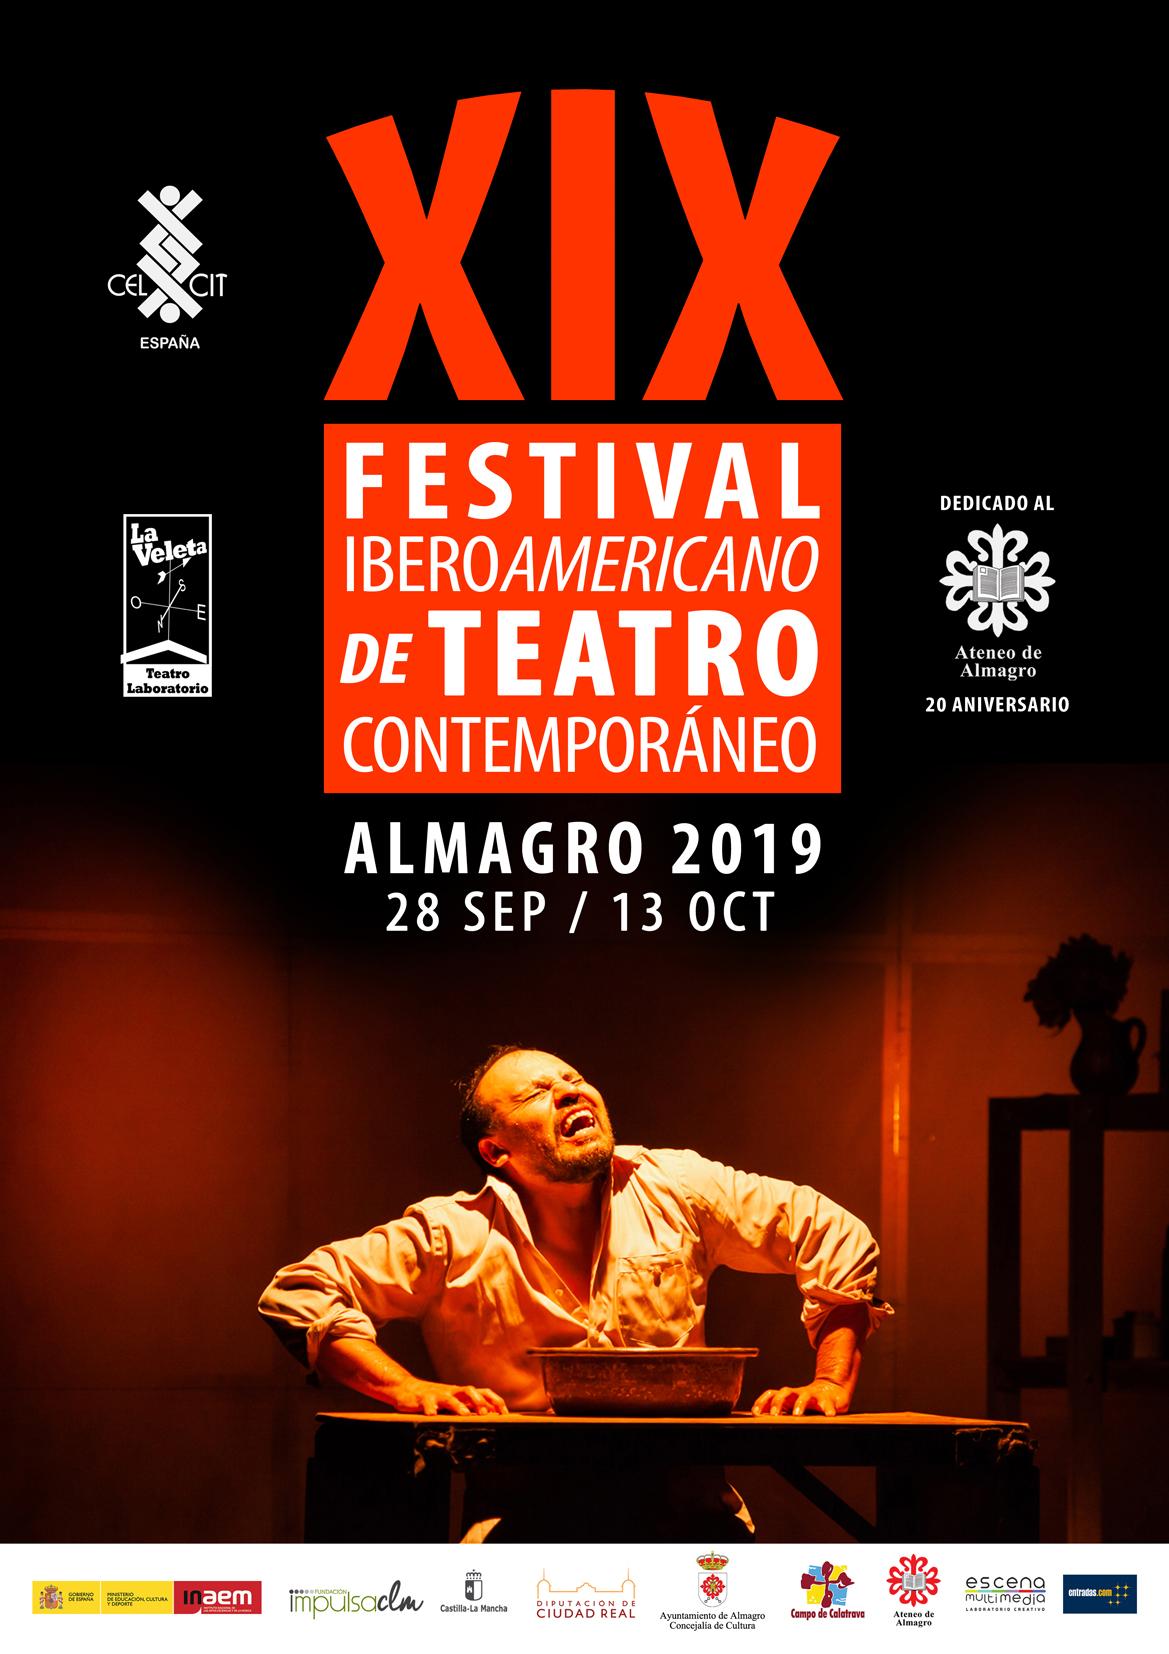 El Festival Iberoamericano de Teatro Contemporáneo arrancará el 28 de septiembre